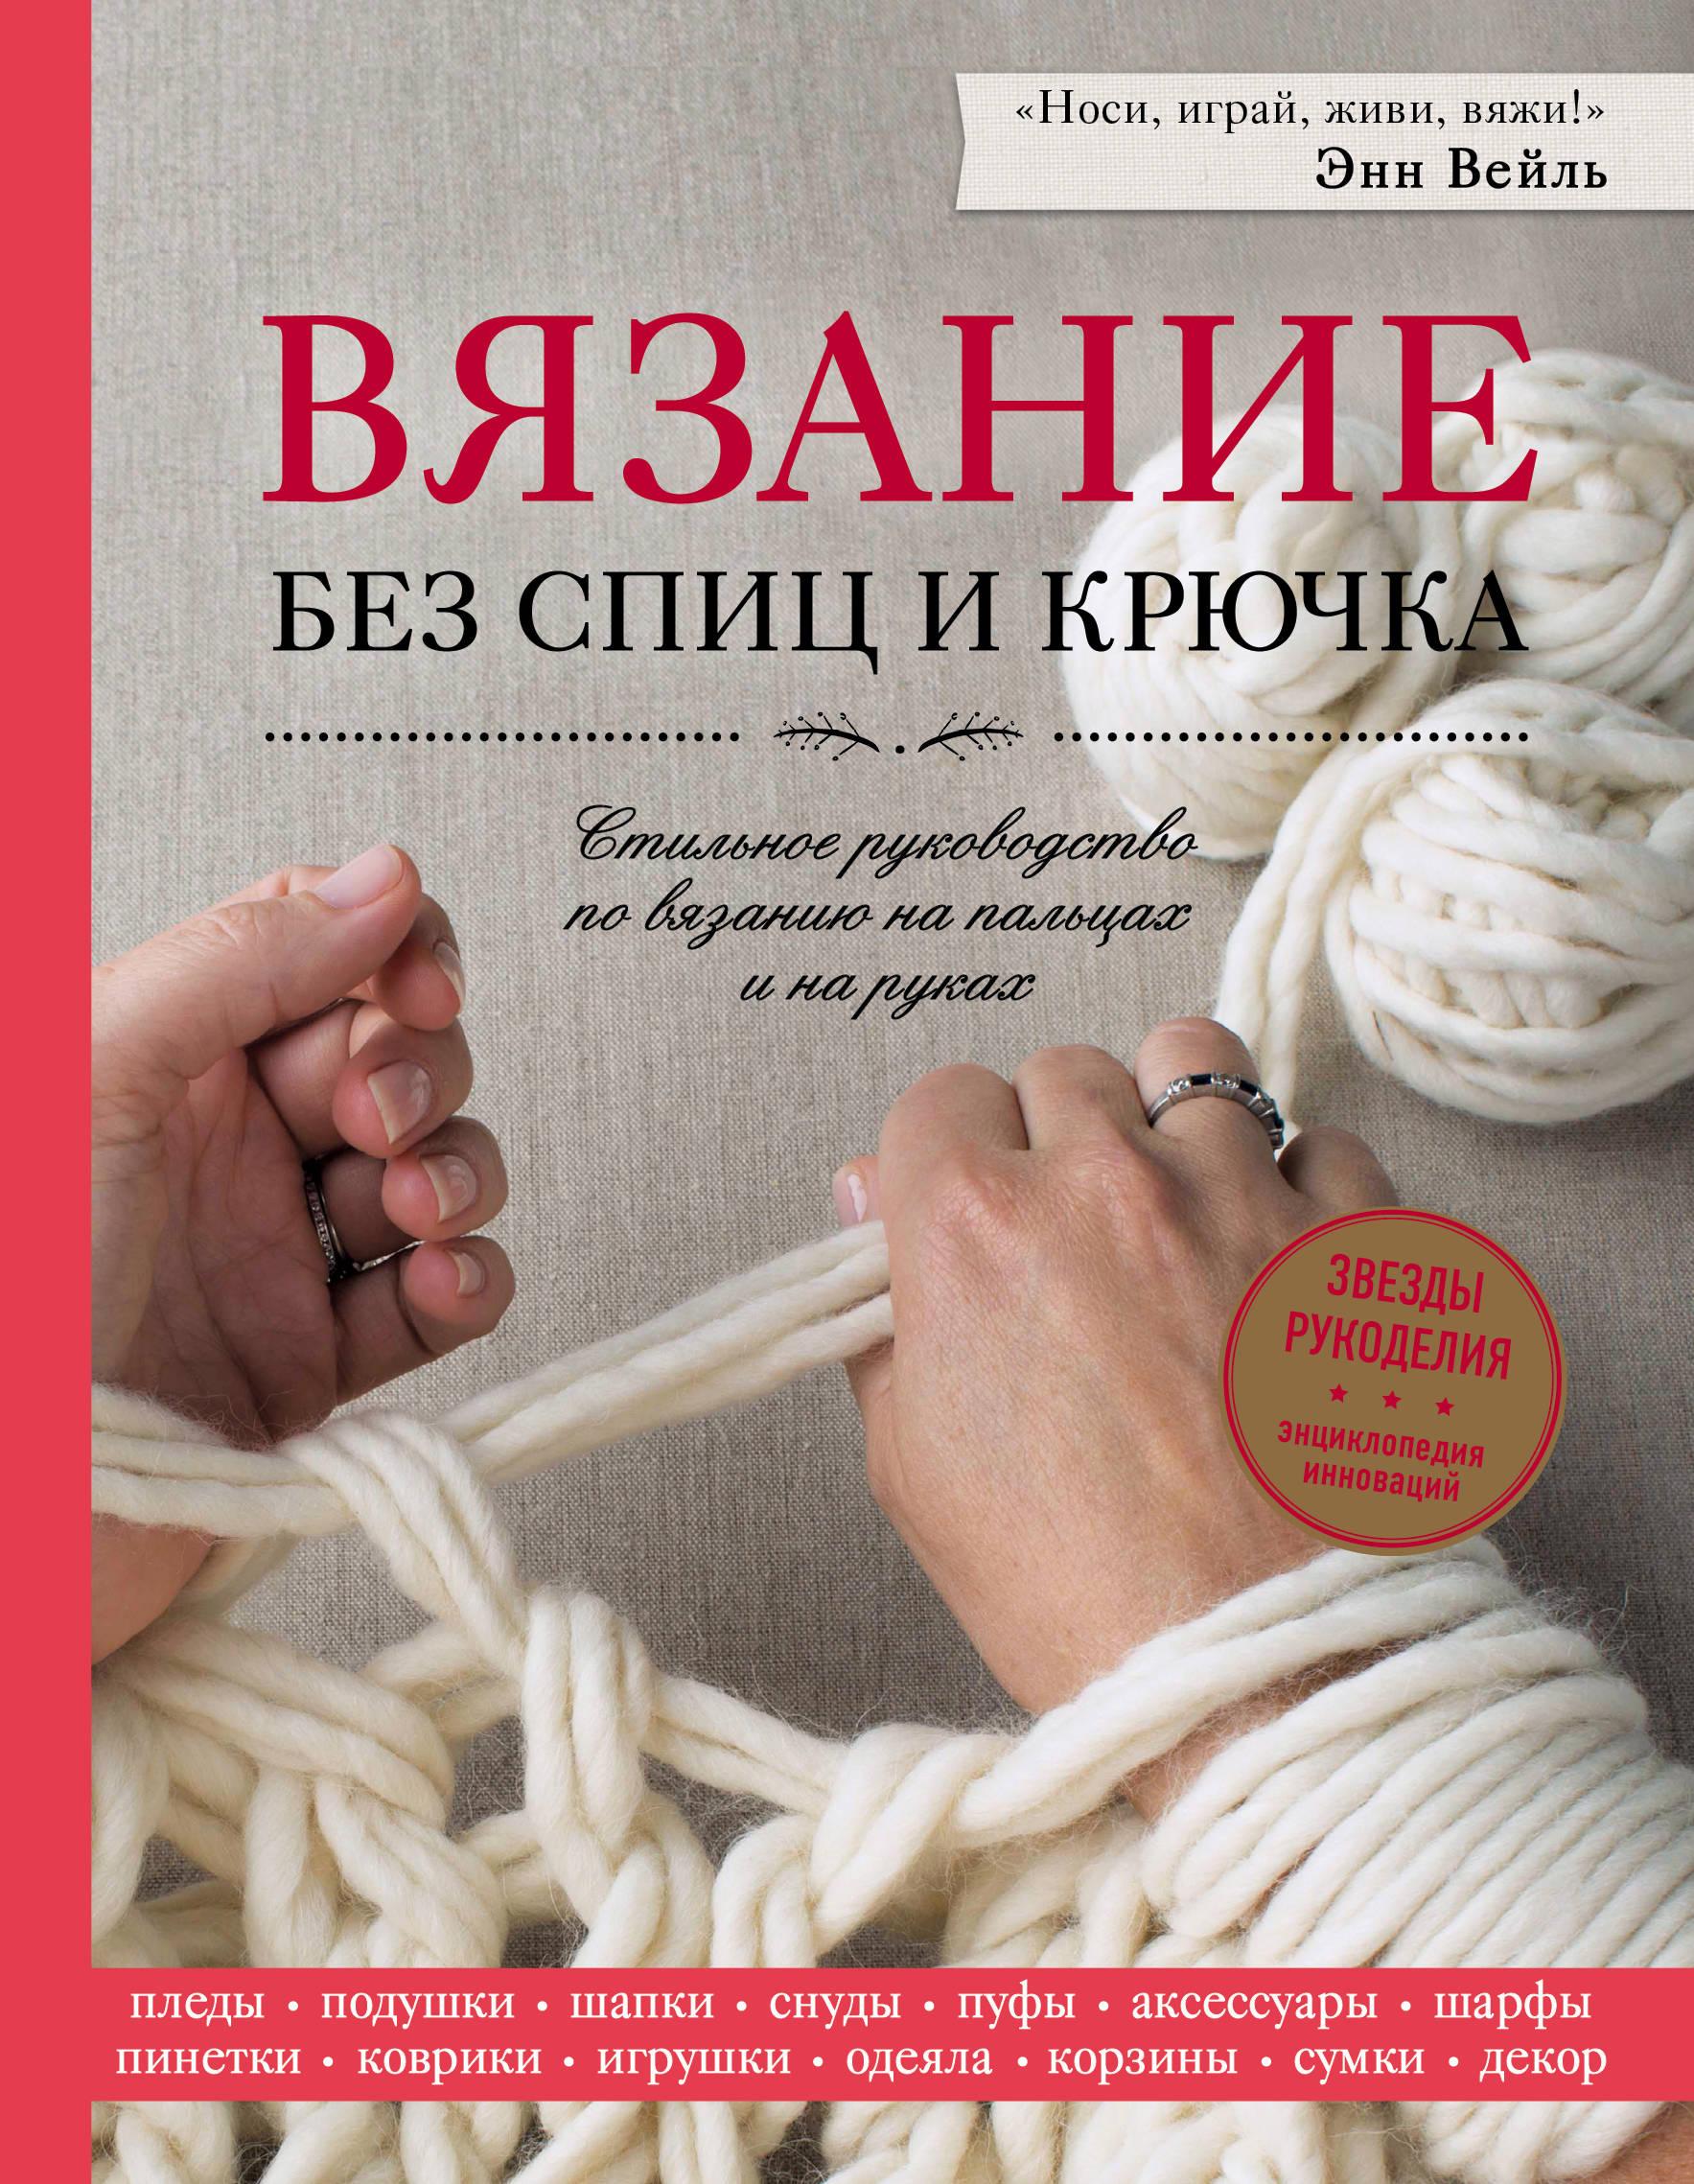 Энн Вейль Вязание без спиц и крючка. Стильное руководство по вязанию на пальцах и на руках